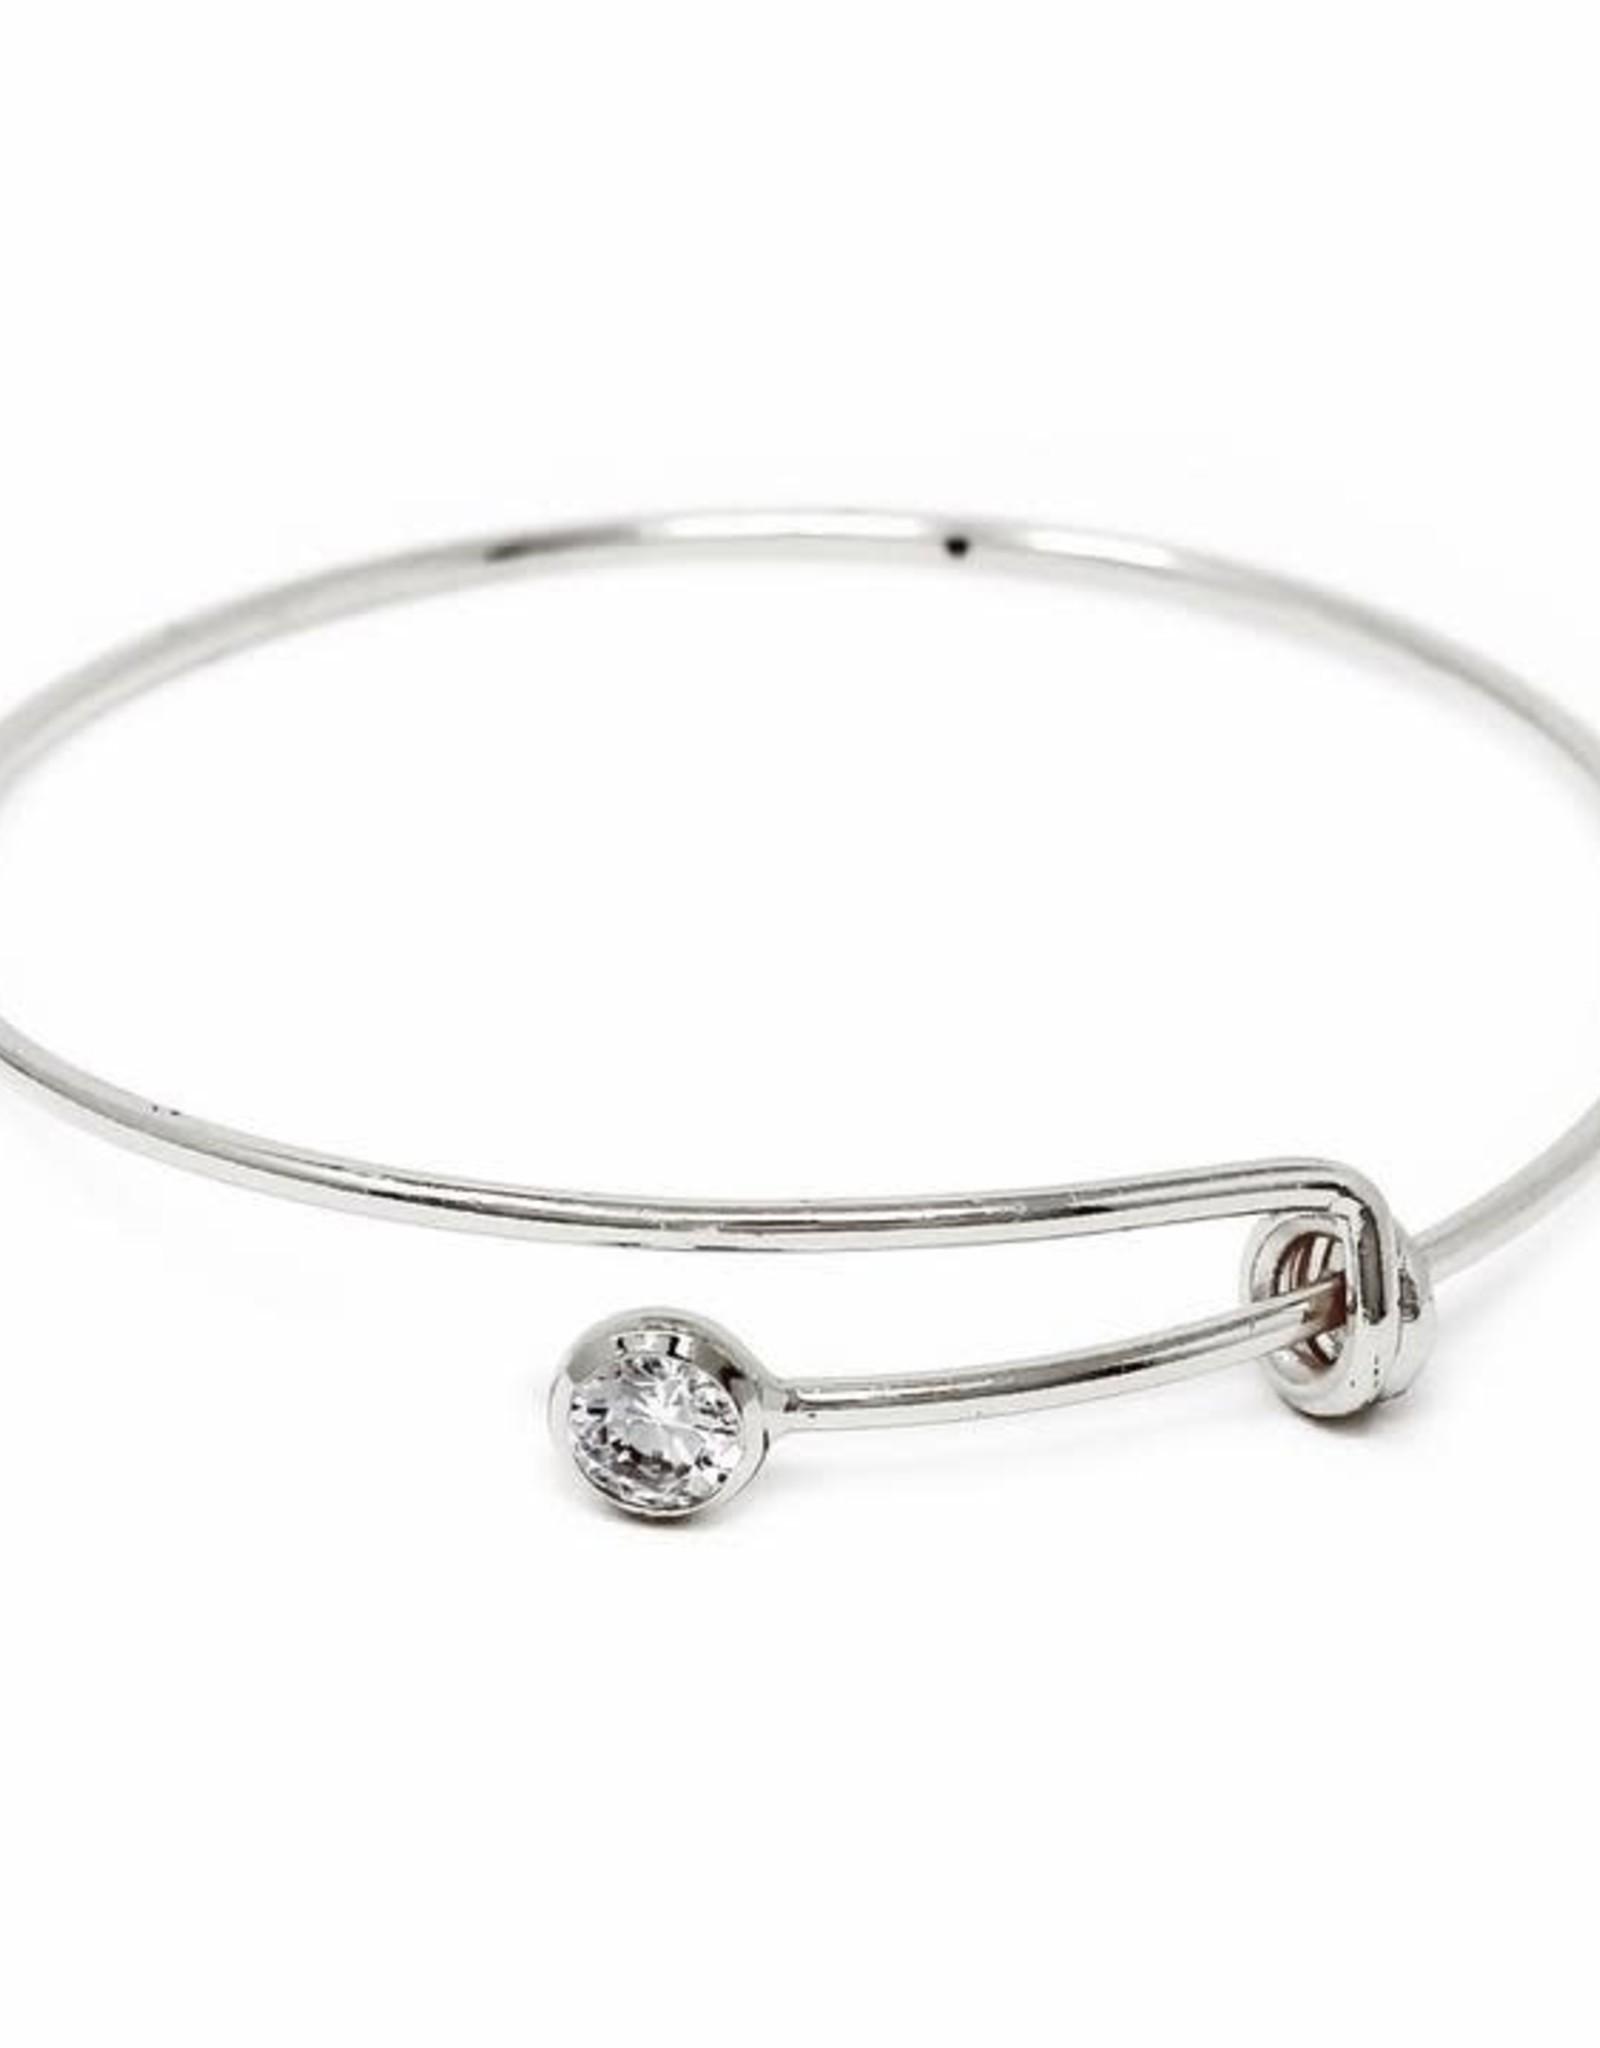 USJ Cubic Zirconia Stone Sliding Spring Delicate Bangle Bracelet - Silver